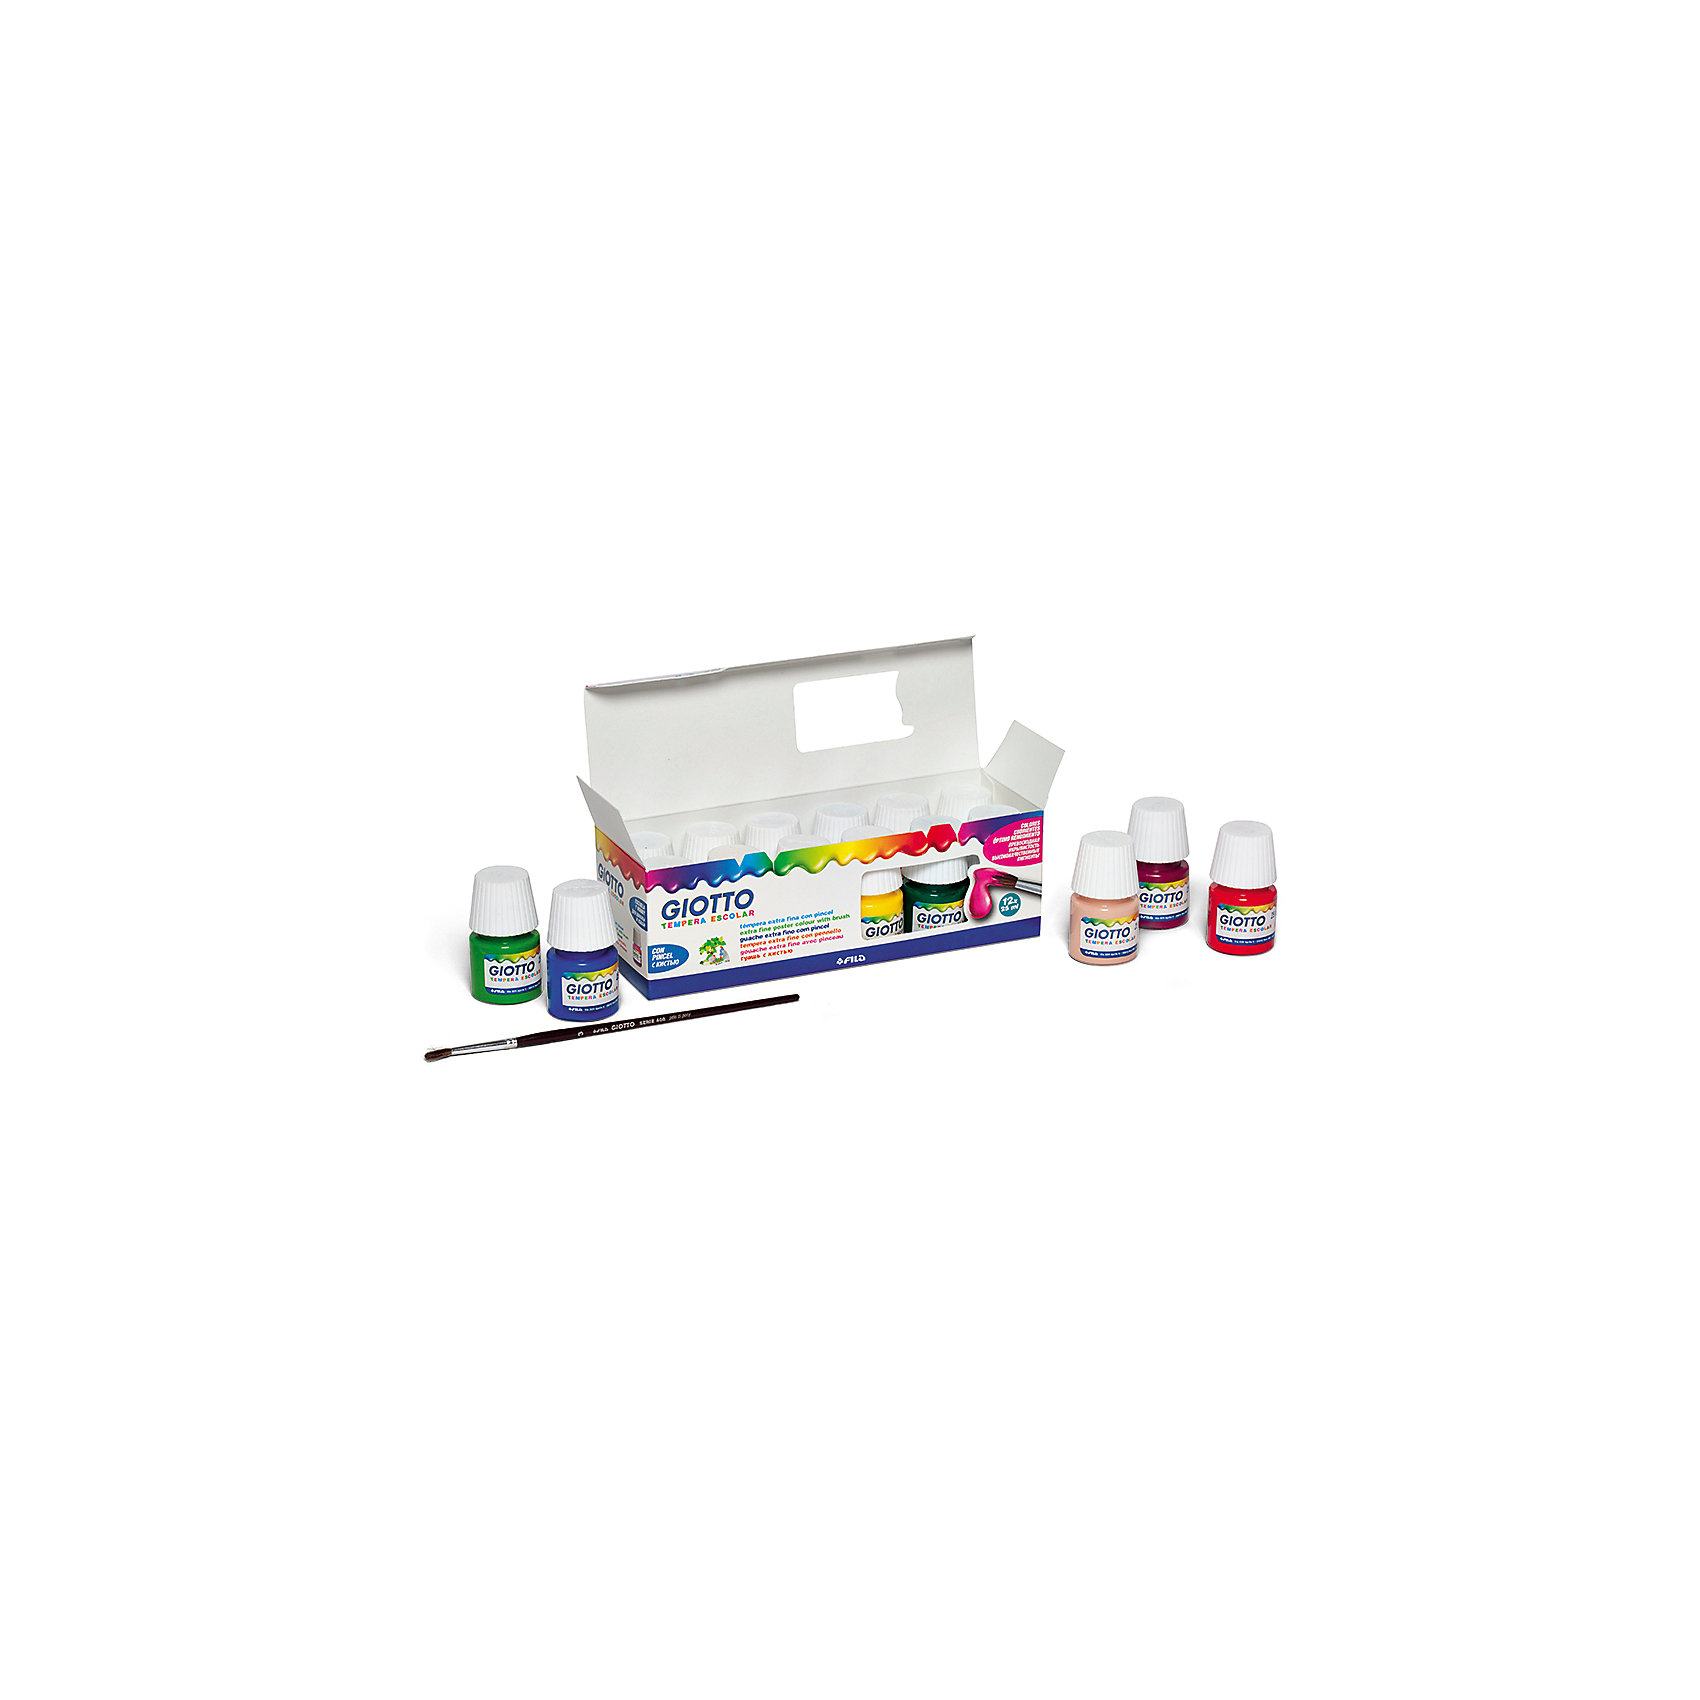 Художественная гуашь на водной основе в баночках 25 мл х 12 цветовРисование и лепка<br>Характеристики товара:<br><br>• в комплекте: 12 баночек с гуашью (12 цветов), кисть;<br>• объем баночки: 25 мл;<br>• размер упаковки: 20,5х7х7 см;<br>• вес: 490 грамм;<br>• возраст: от 3 лет.<br><br>Набор Giotto PAINT POT состоит из 12 баночек с гуашью классических цветов и кисточки. Гуашь хорошо ложится на бумагу, картон, ткань и дерево. Высококачественные материалы обеспечивают хорошую покрывающую способность. Цвета можно смешивать для получения новых оттенков. Сохраняет насыщенность цвета после высыхания. Гуашь PAINT POT хорошо отмывается с рук и одежды.<br><br>Giotto (Джотто) PAINT POT Гуашь 12цв*25мл+кисть можно купить в нашем интернет-магазине.<br><br>Ширина мм: 66<br>Глубина мм: 69<br>Высота мм: 205<br>Вес г: 526<br>Возраст от месяцев: 72<br>Возраст до месяцев: 120<br>Пол: Унисекс<br>Возраст: Детский<br>SKU: 5107818